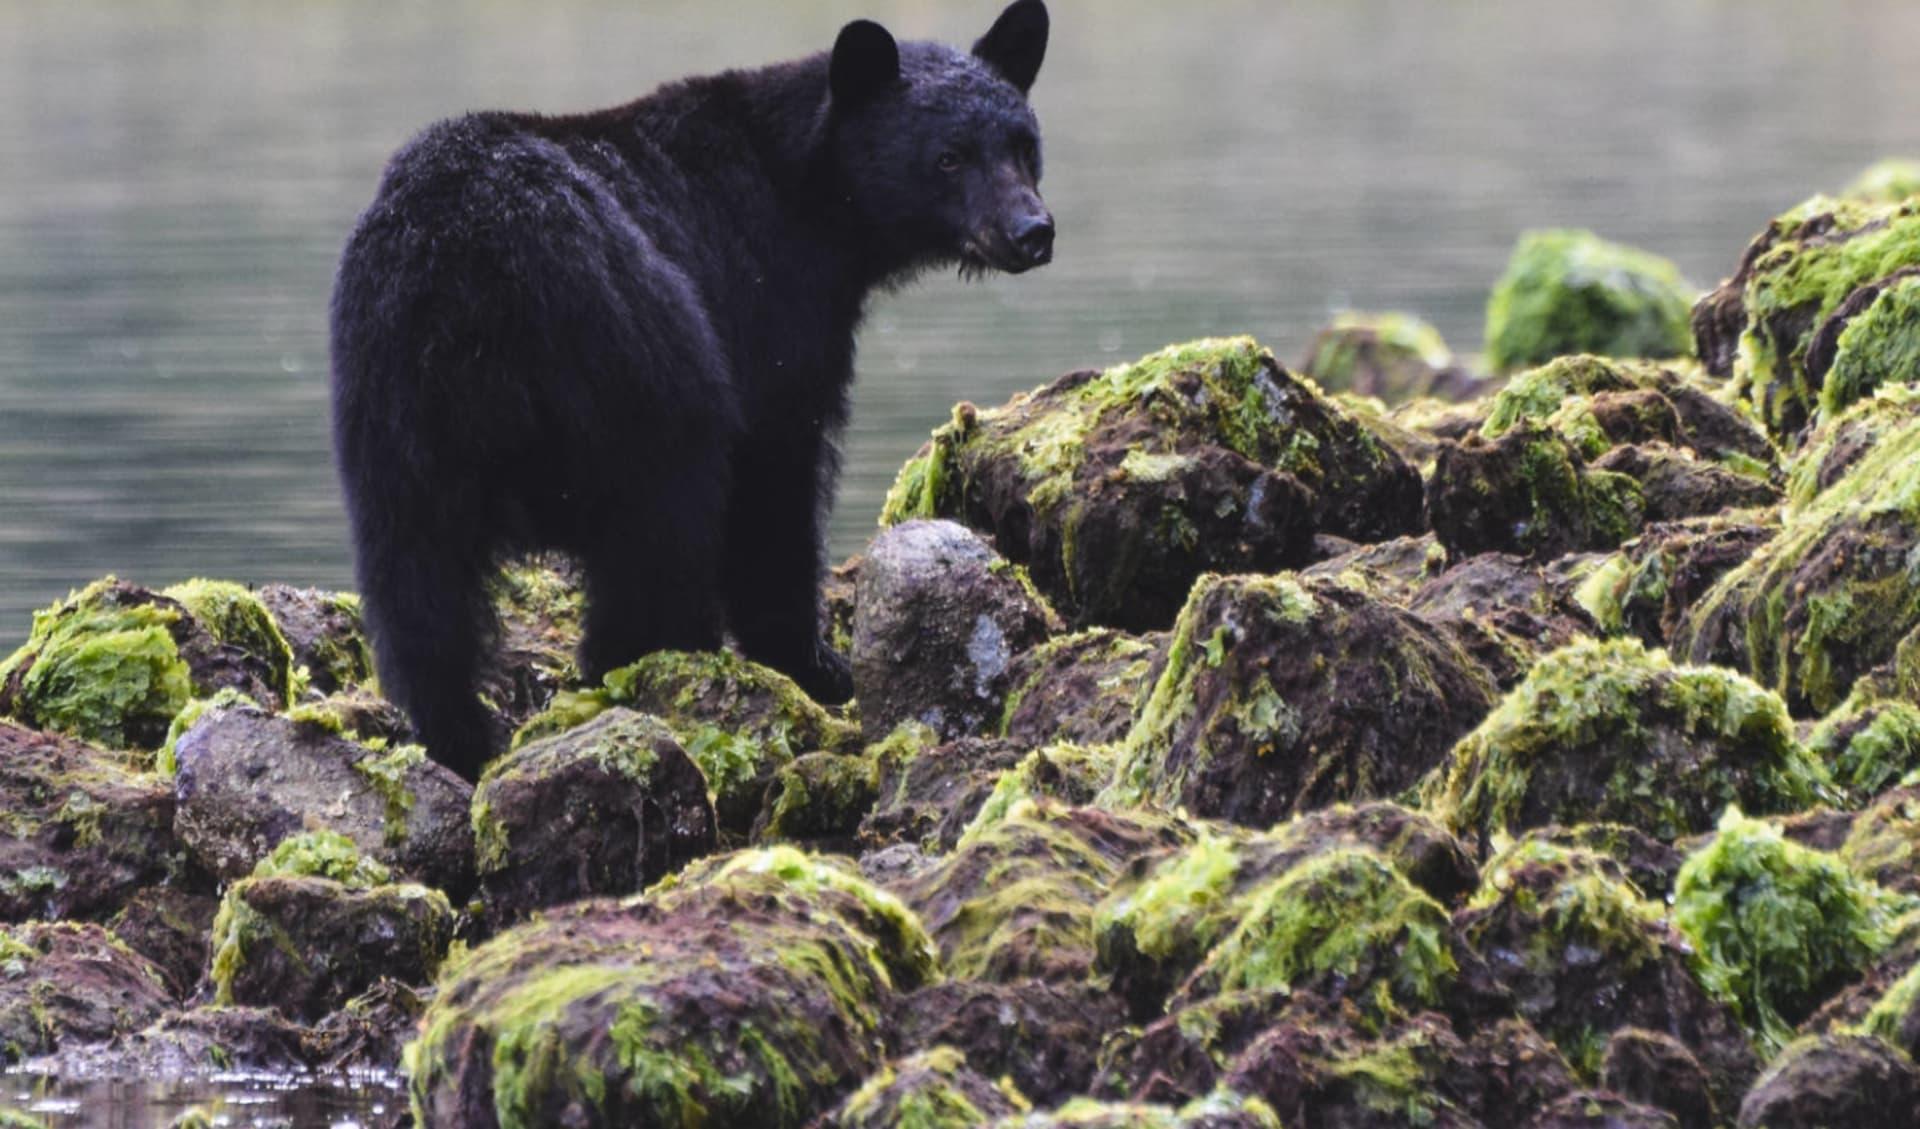 Schwarzbären- und Wildbeobachtung Waldstation Duchesnay ab Saint-Raymond: Kanada - Tofino - Schwarzbär am Fluss